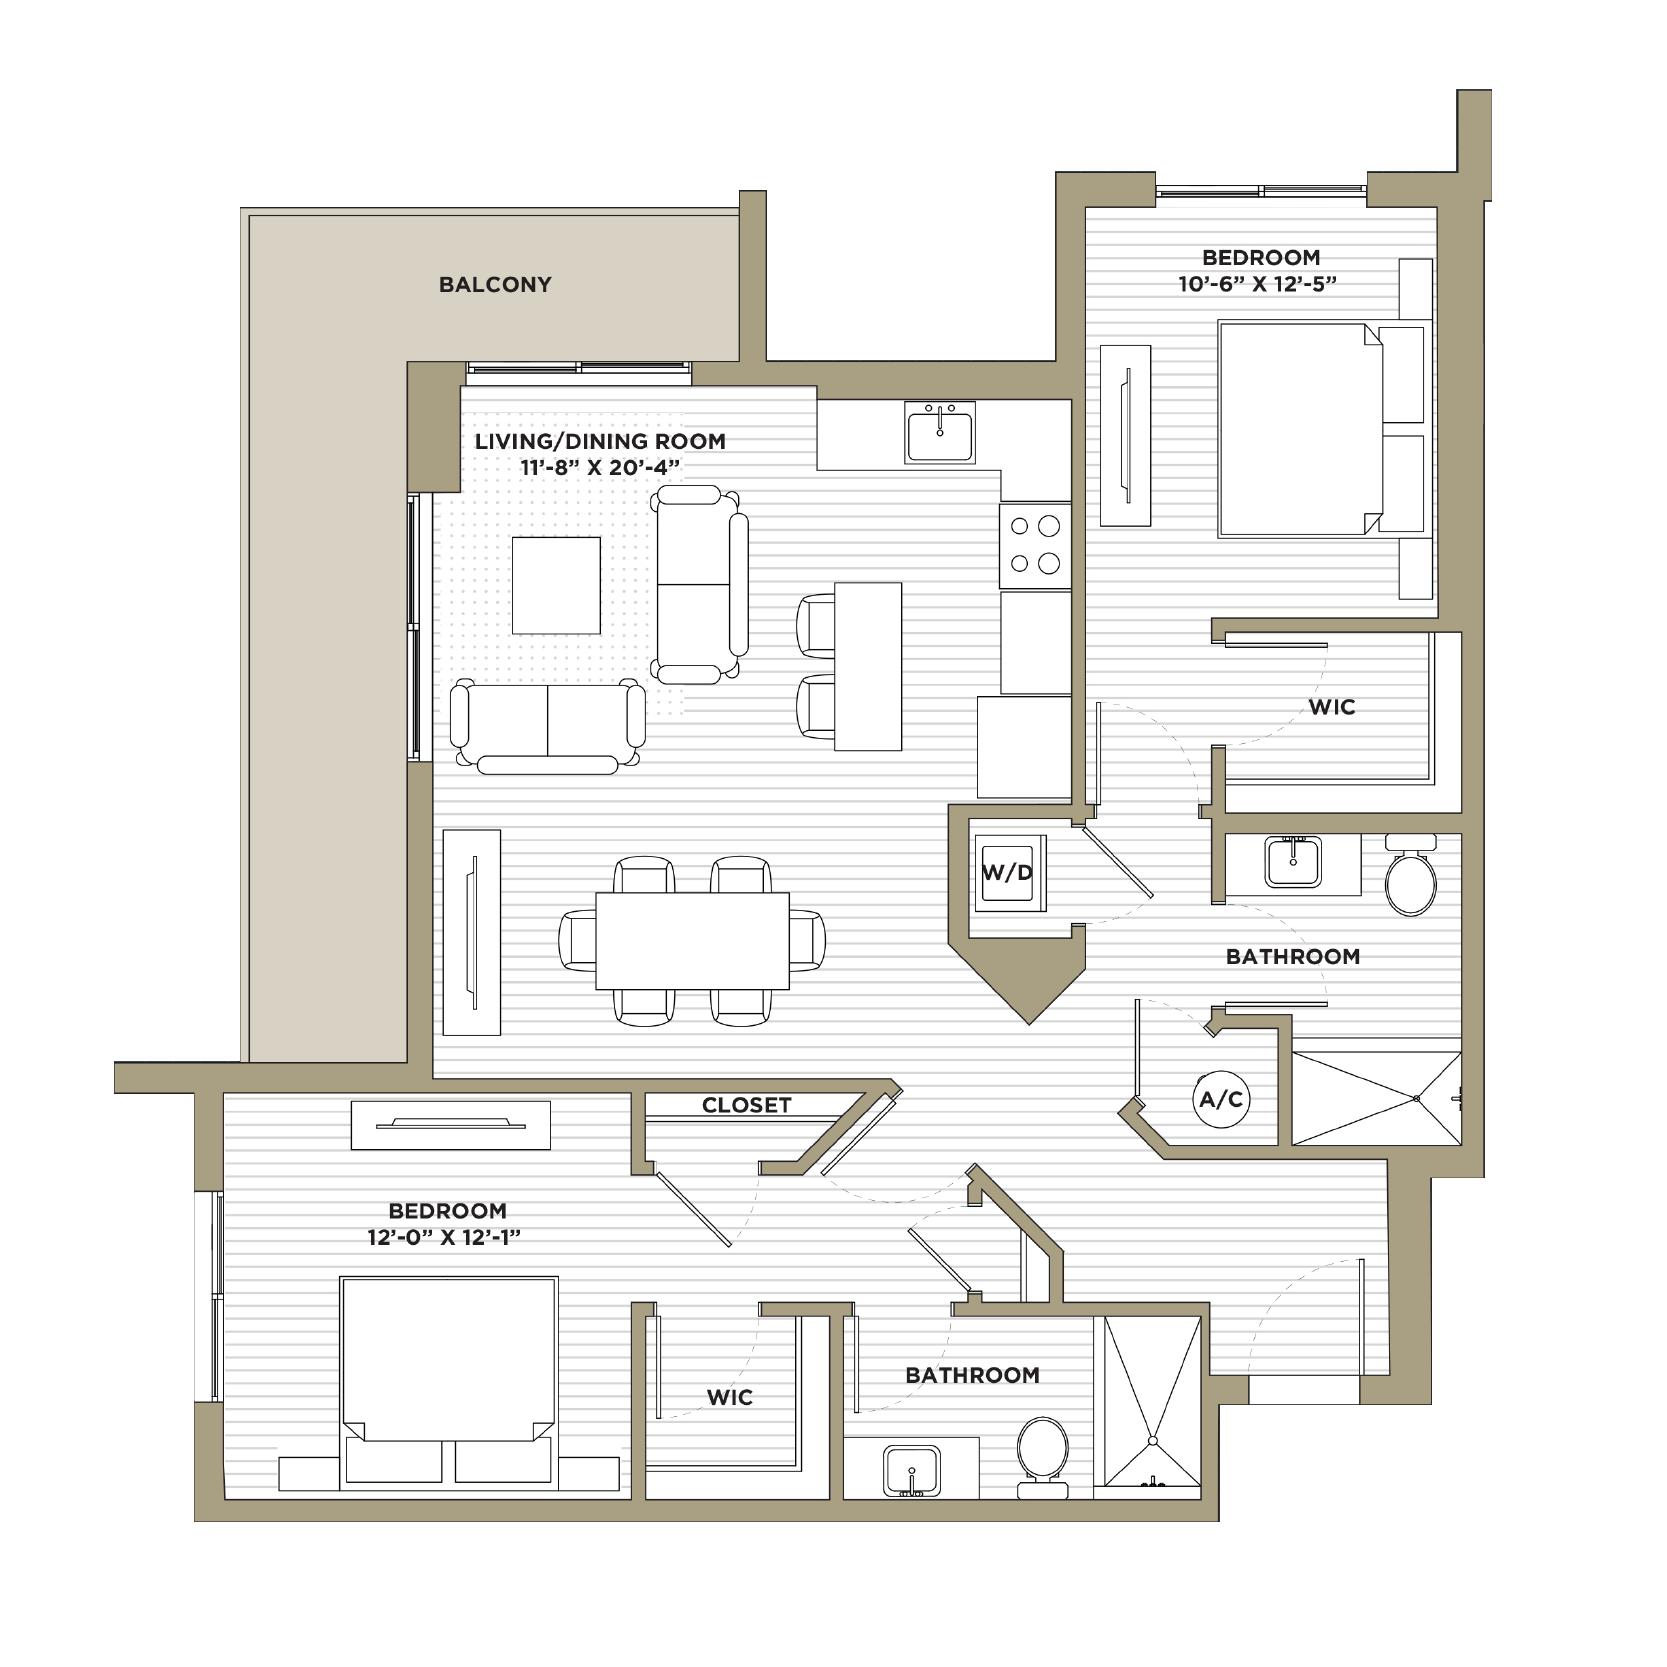 B7 - 2 Bedroom / 2 Bathroom1,179 sq. ft.